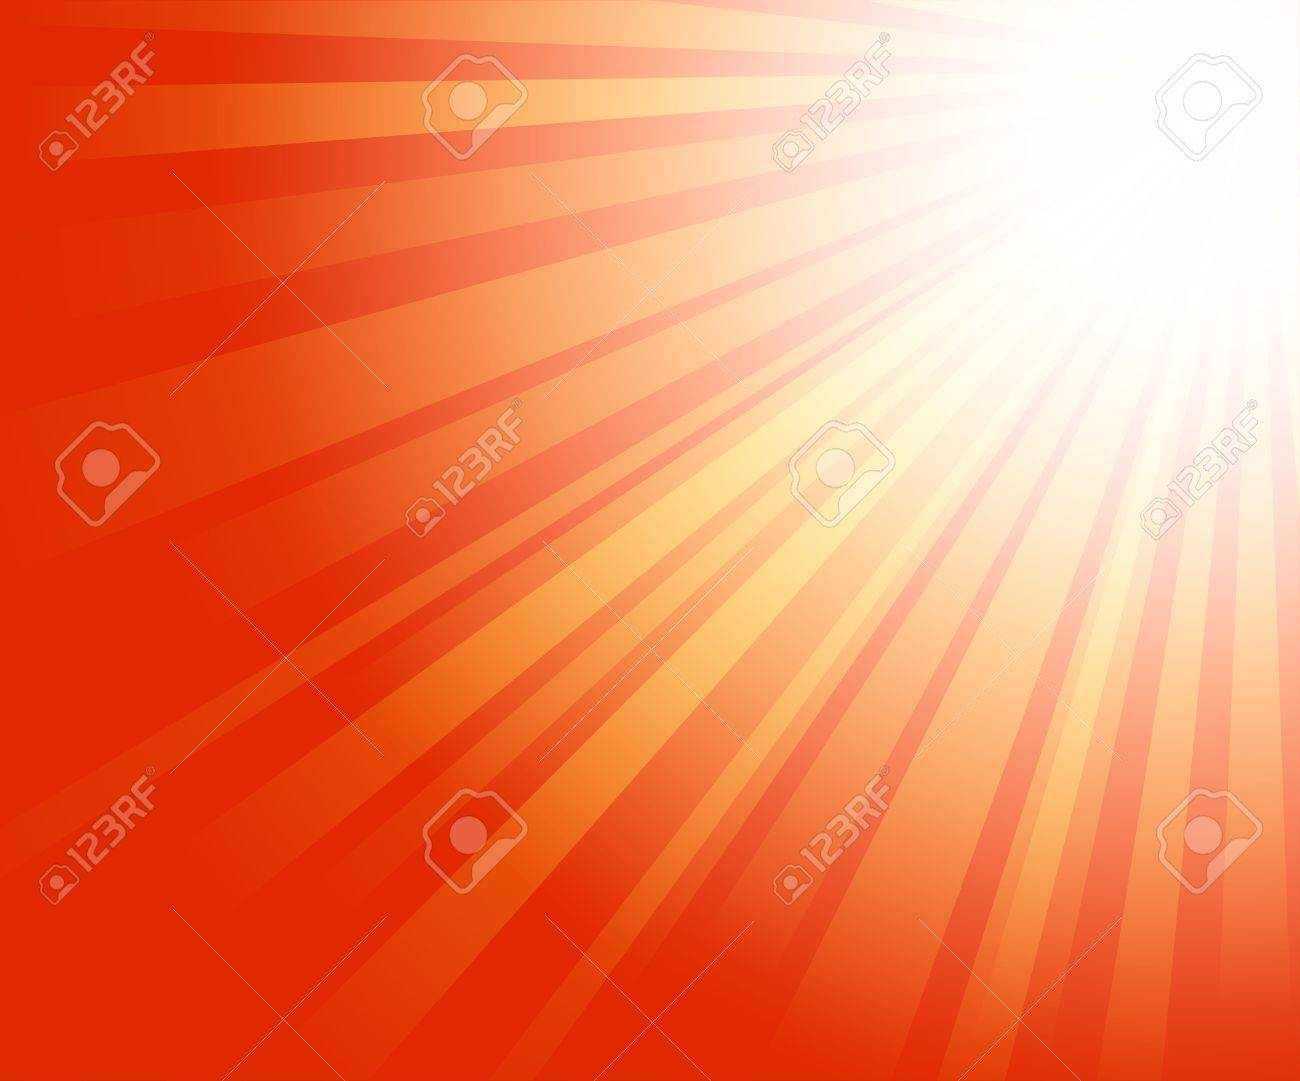 暖かい太陽の光の赤の背景イラスト ロイヤリティフリークリップアート